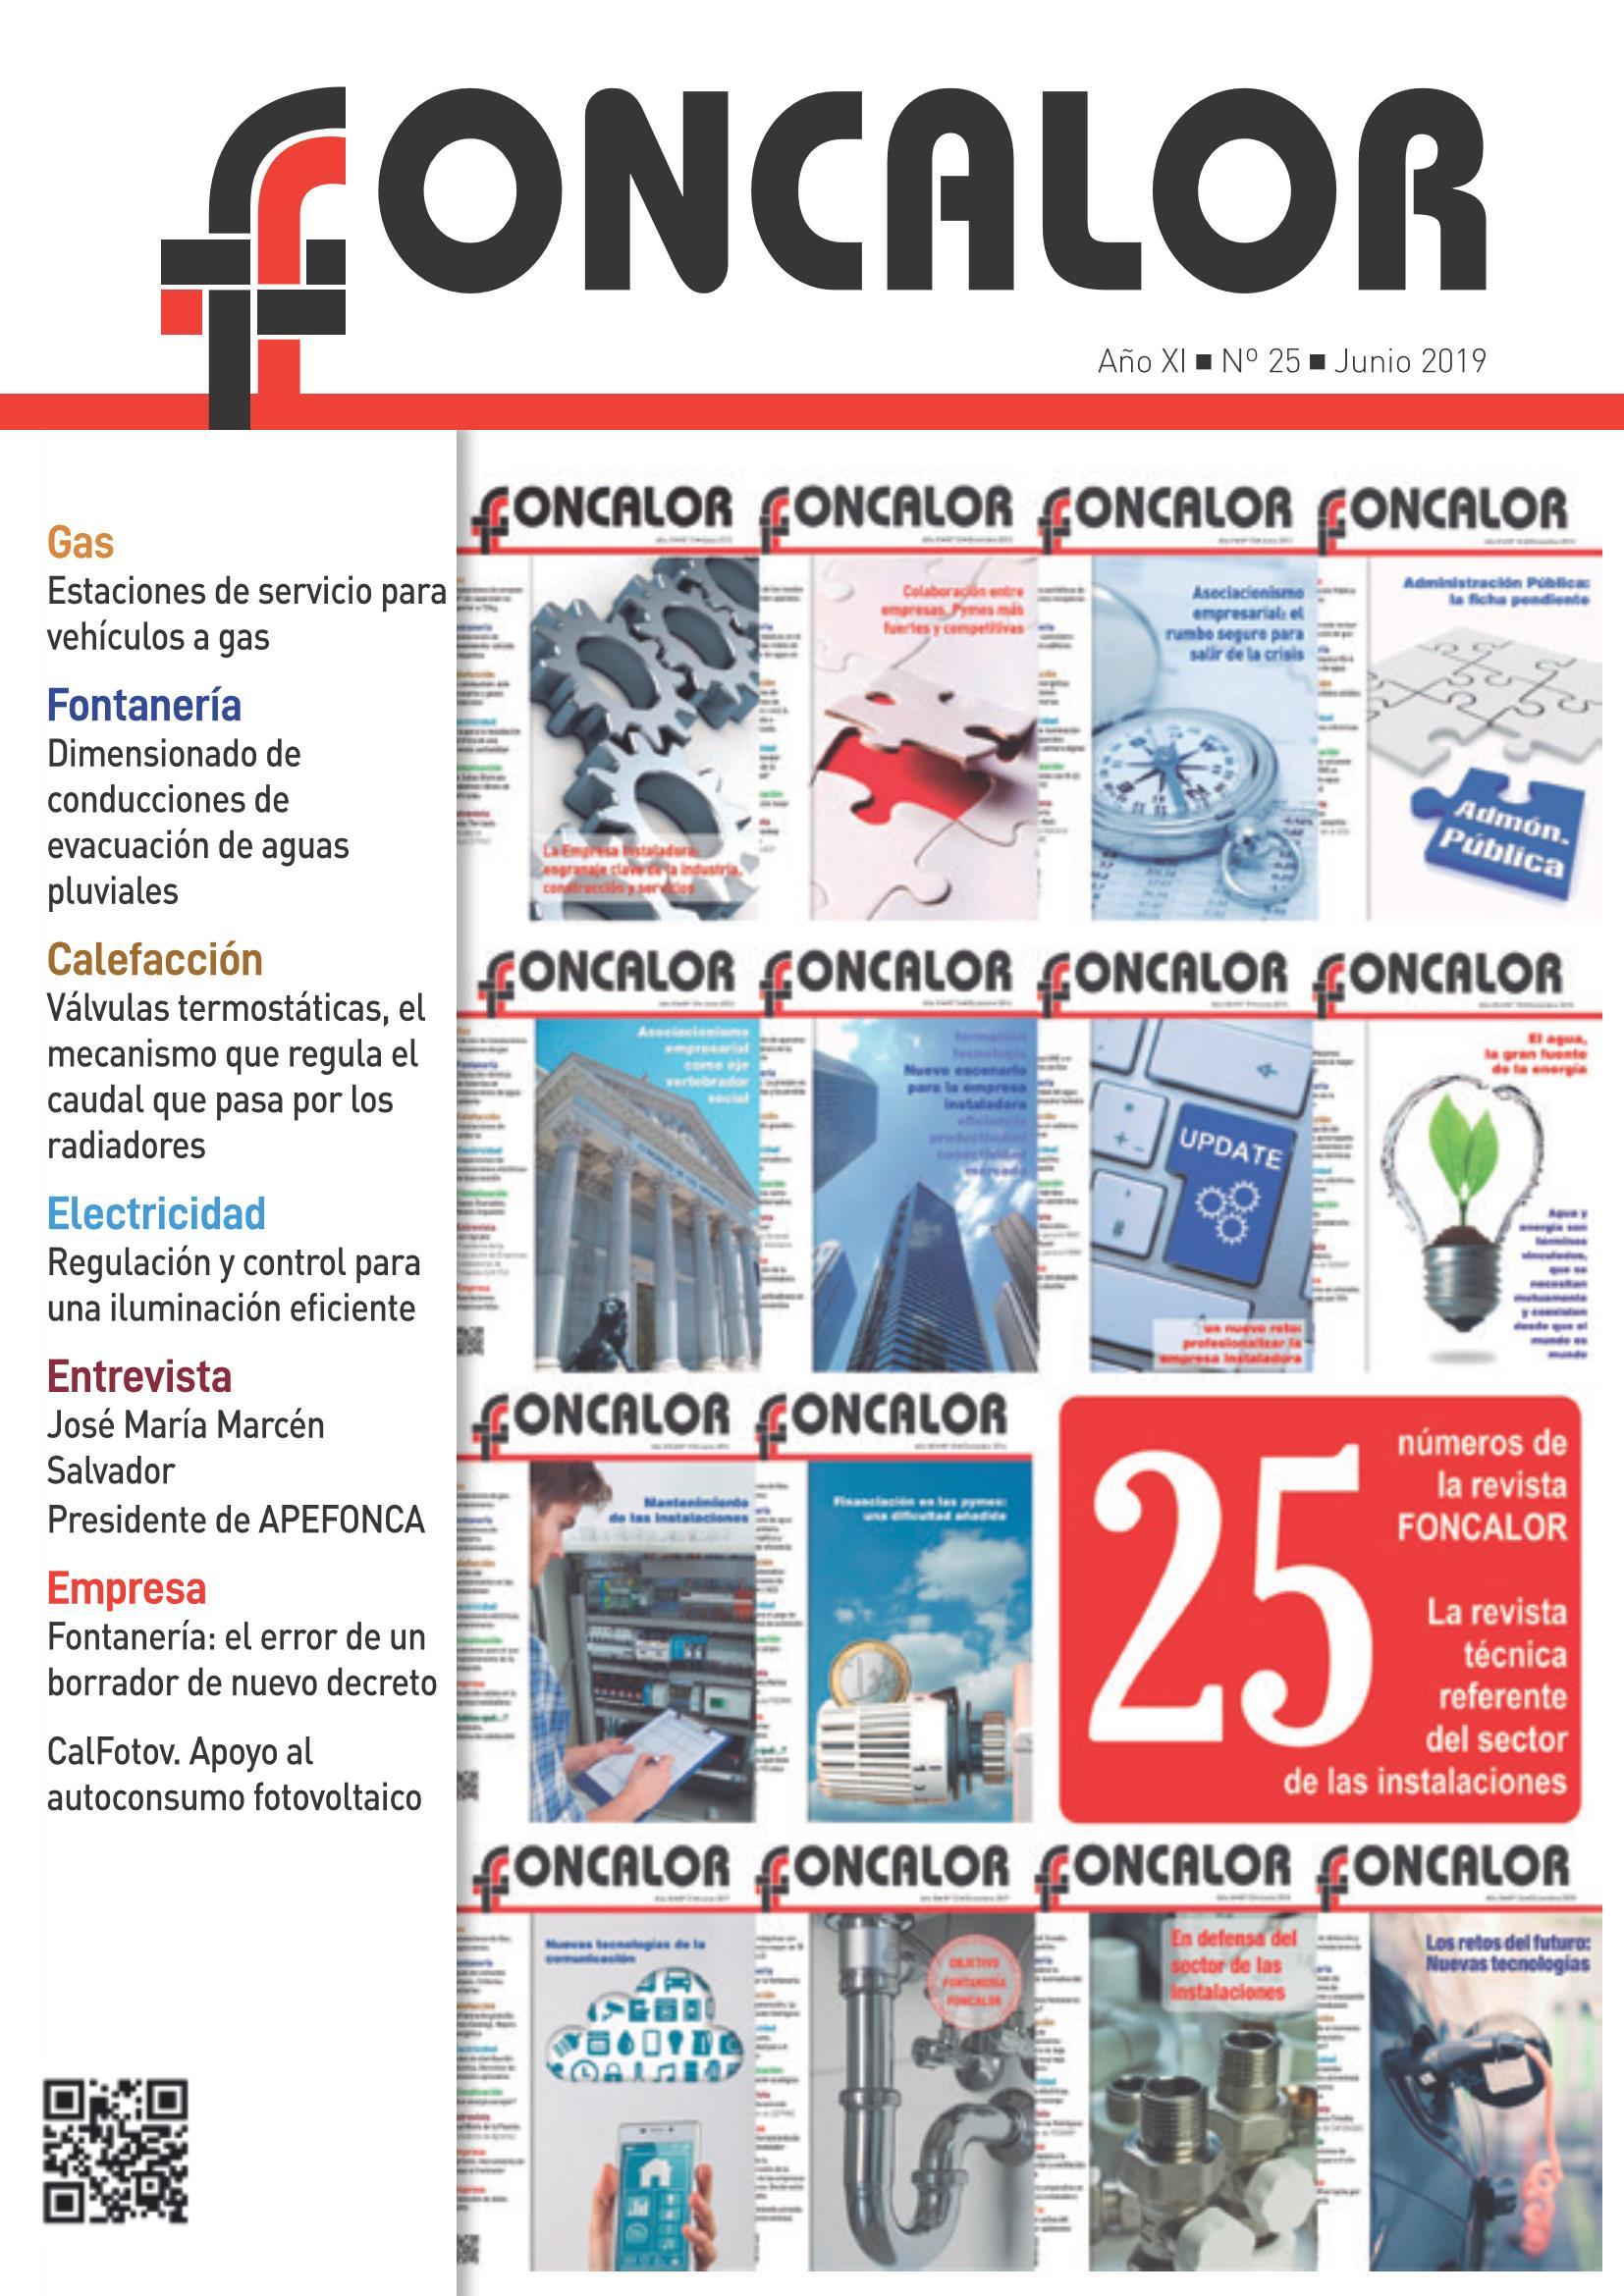 Revista Foncalor